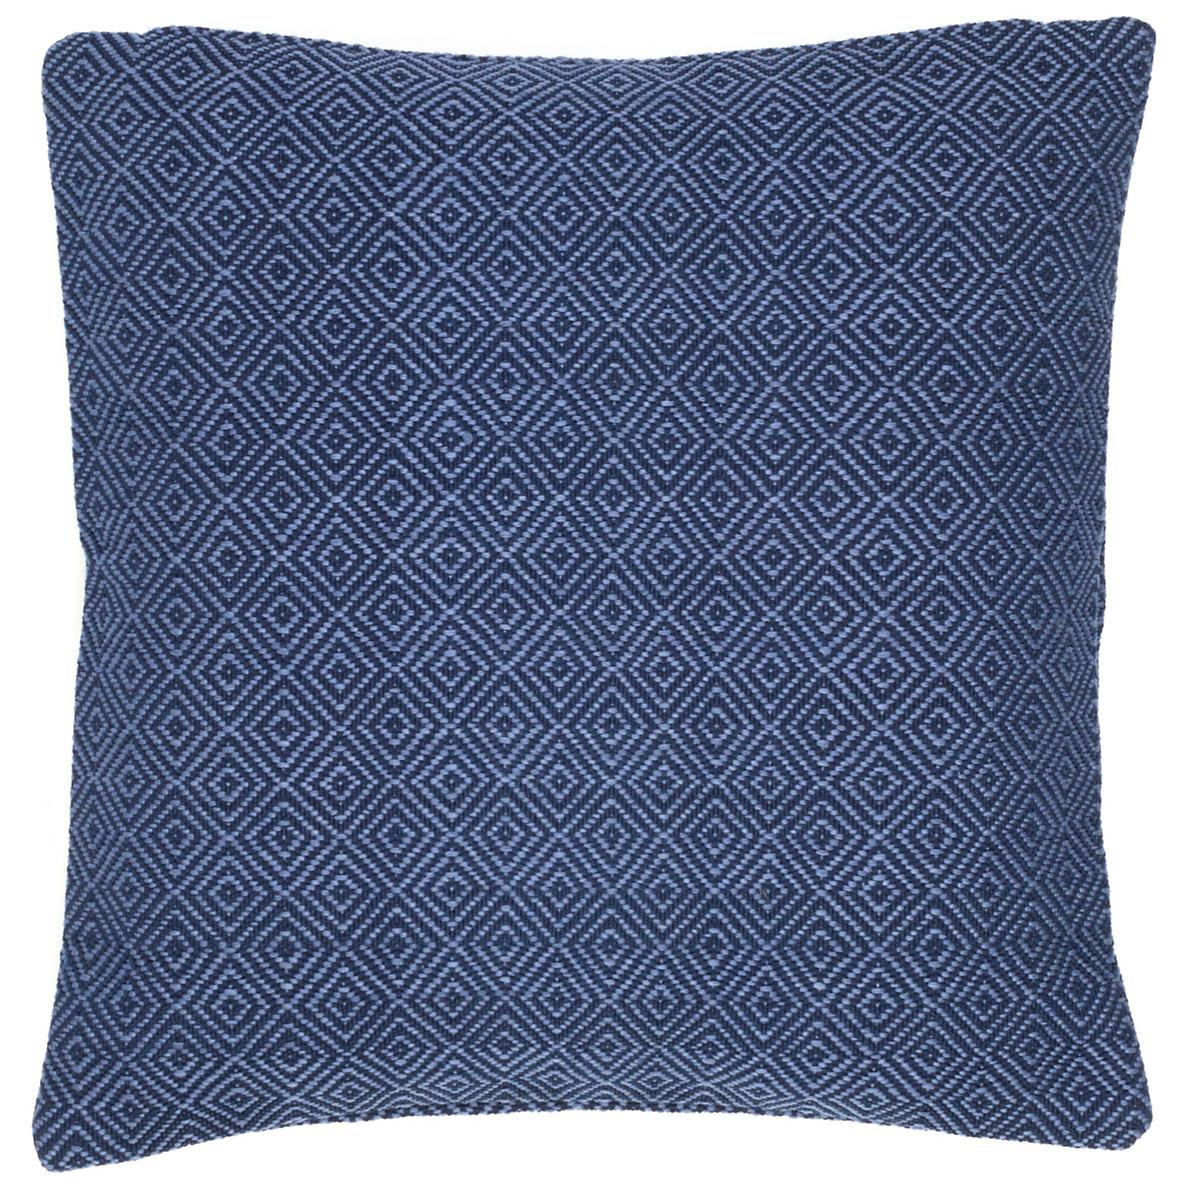 Petit Diamond Navy/Denim Indoor/Outdoor Pillow